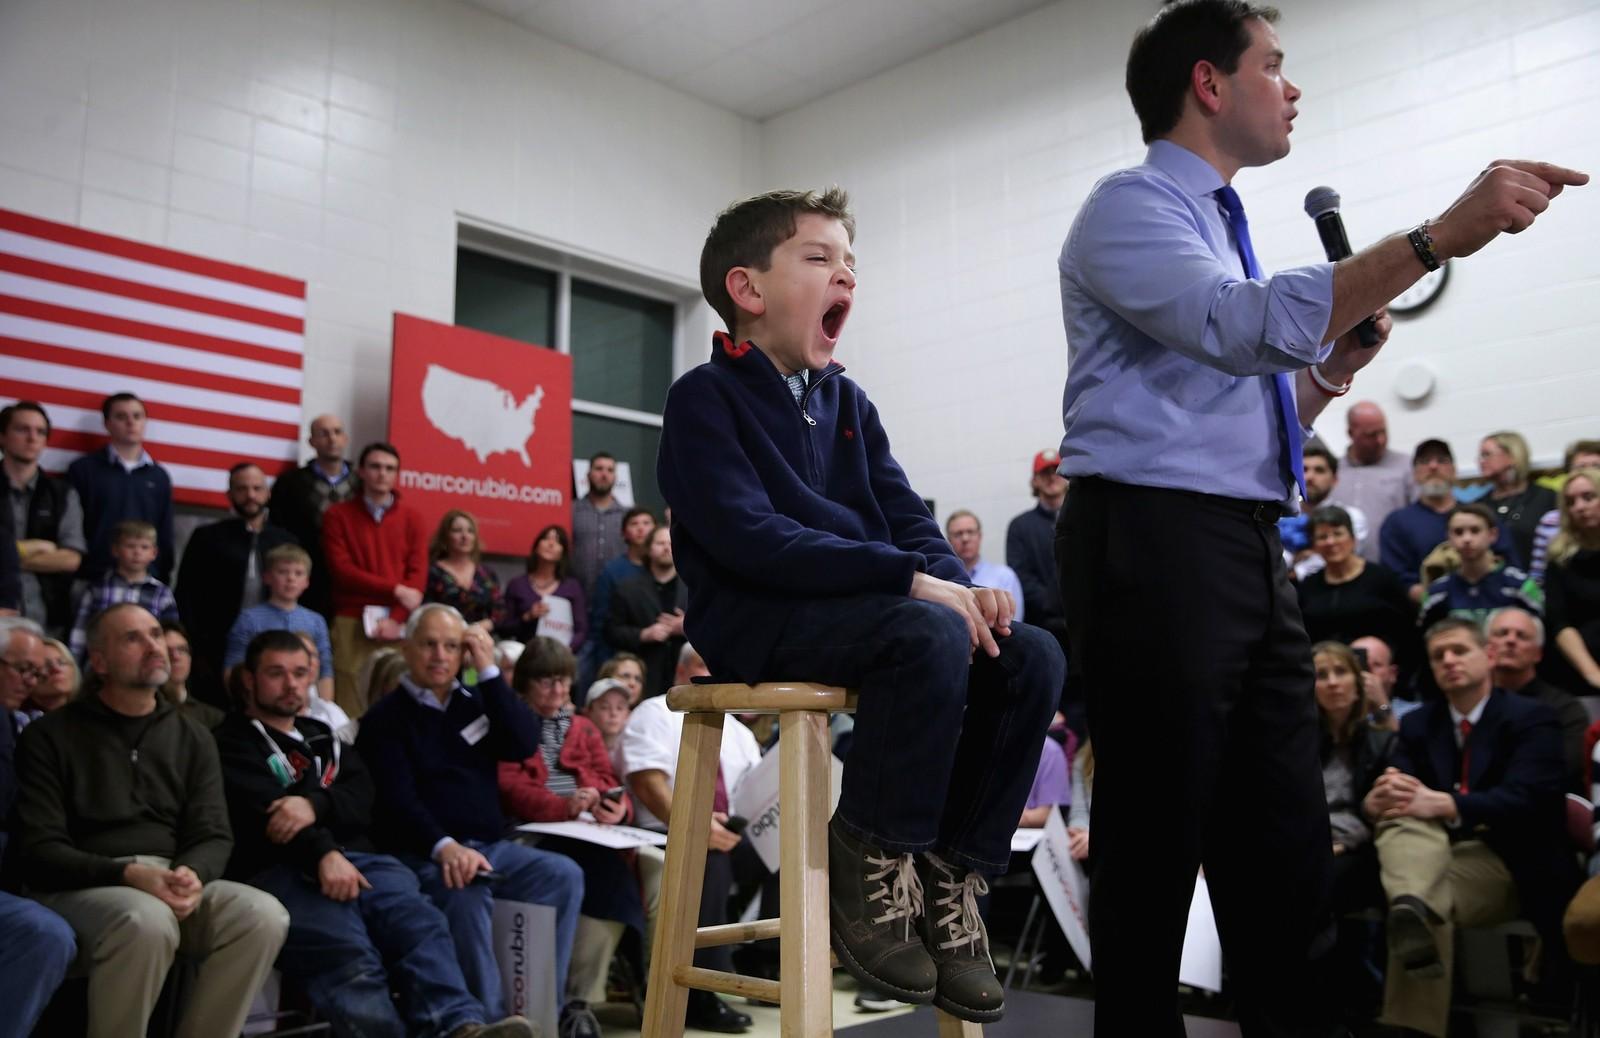 Dominick Rubio (7) sleit med å styre sin begeistring mens pappa og senator Marco talte engasjert til publikum i New Hampshire i forkant av den kommende supertirsdagen.